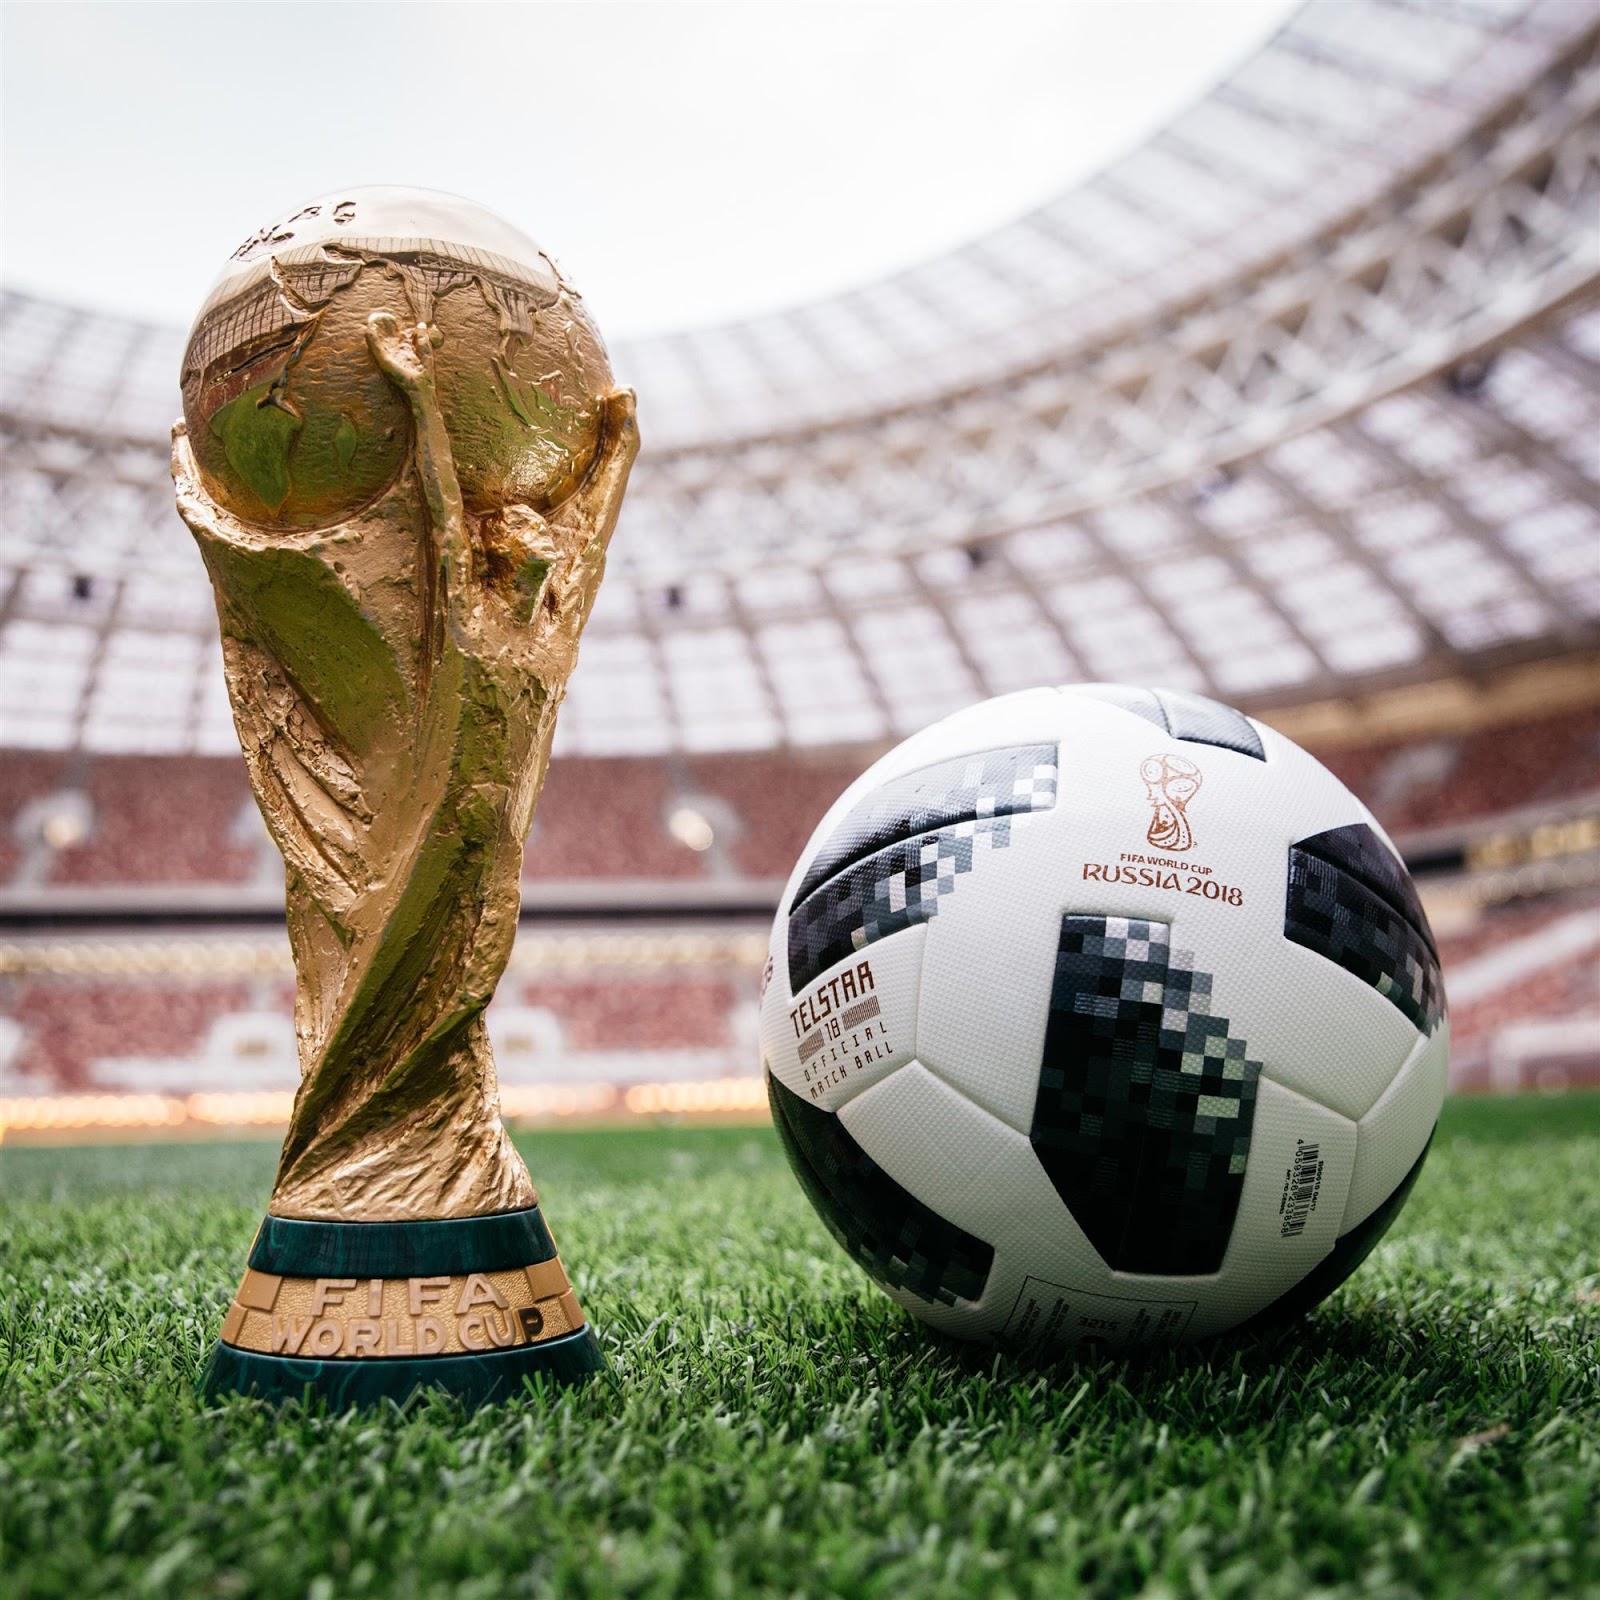 watch 87add ed827 Estos son algunos de los avances tecnológicos que se han incorporado en los  últimos tiempos al mundo del fútbol y que estarán muy presentes ...